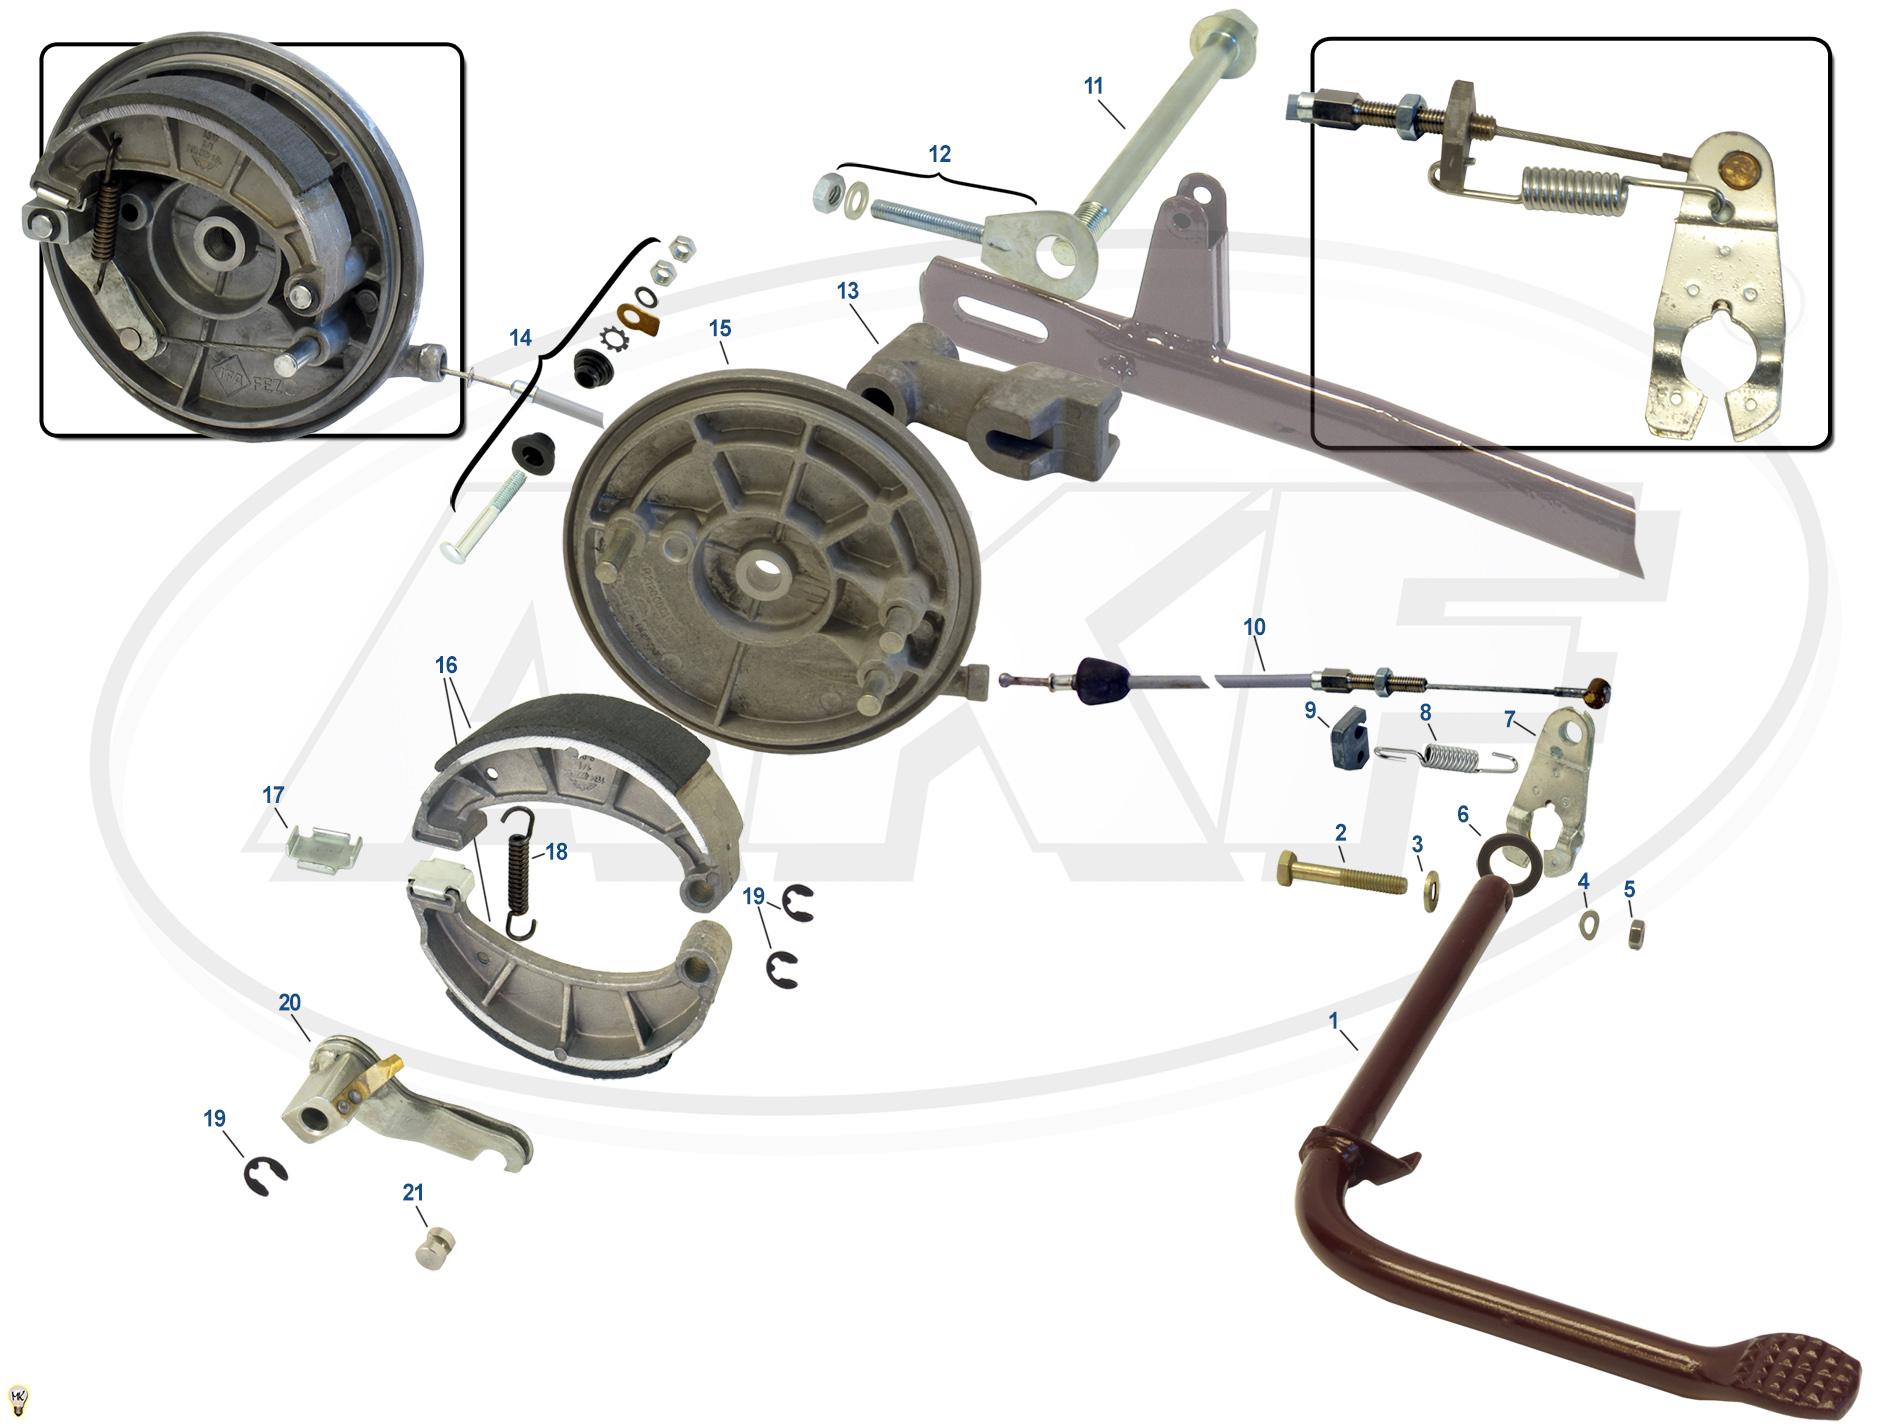 Feder für Kippständer Zugfeder SR2E SR4-1 SR4-2 SR4-3 SR4-4 KR51 S50 S51 SR50